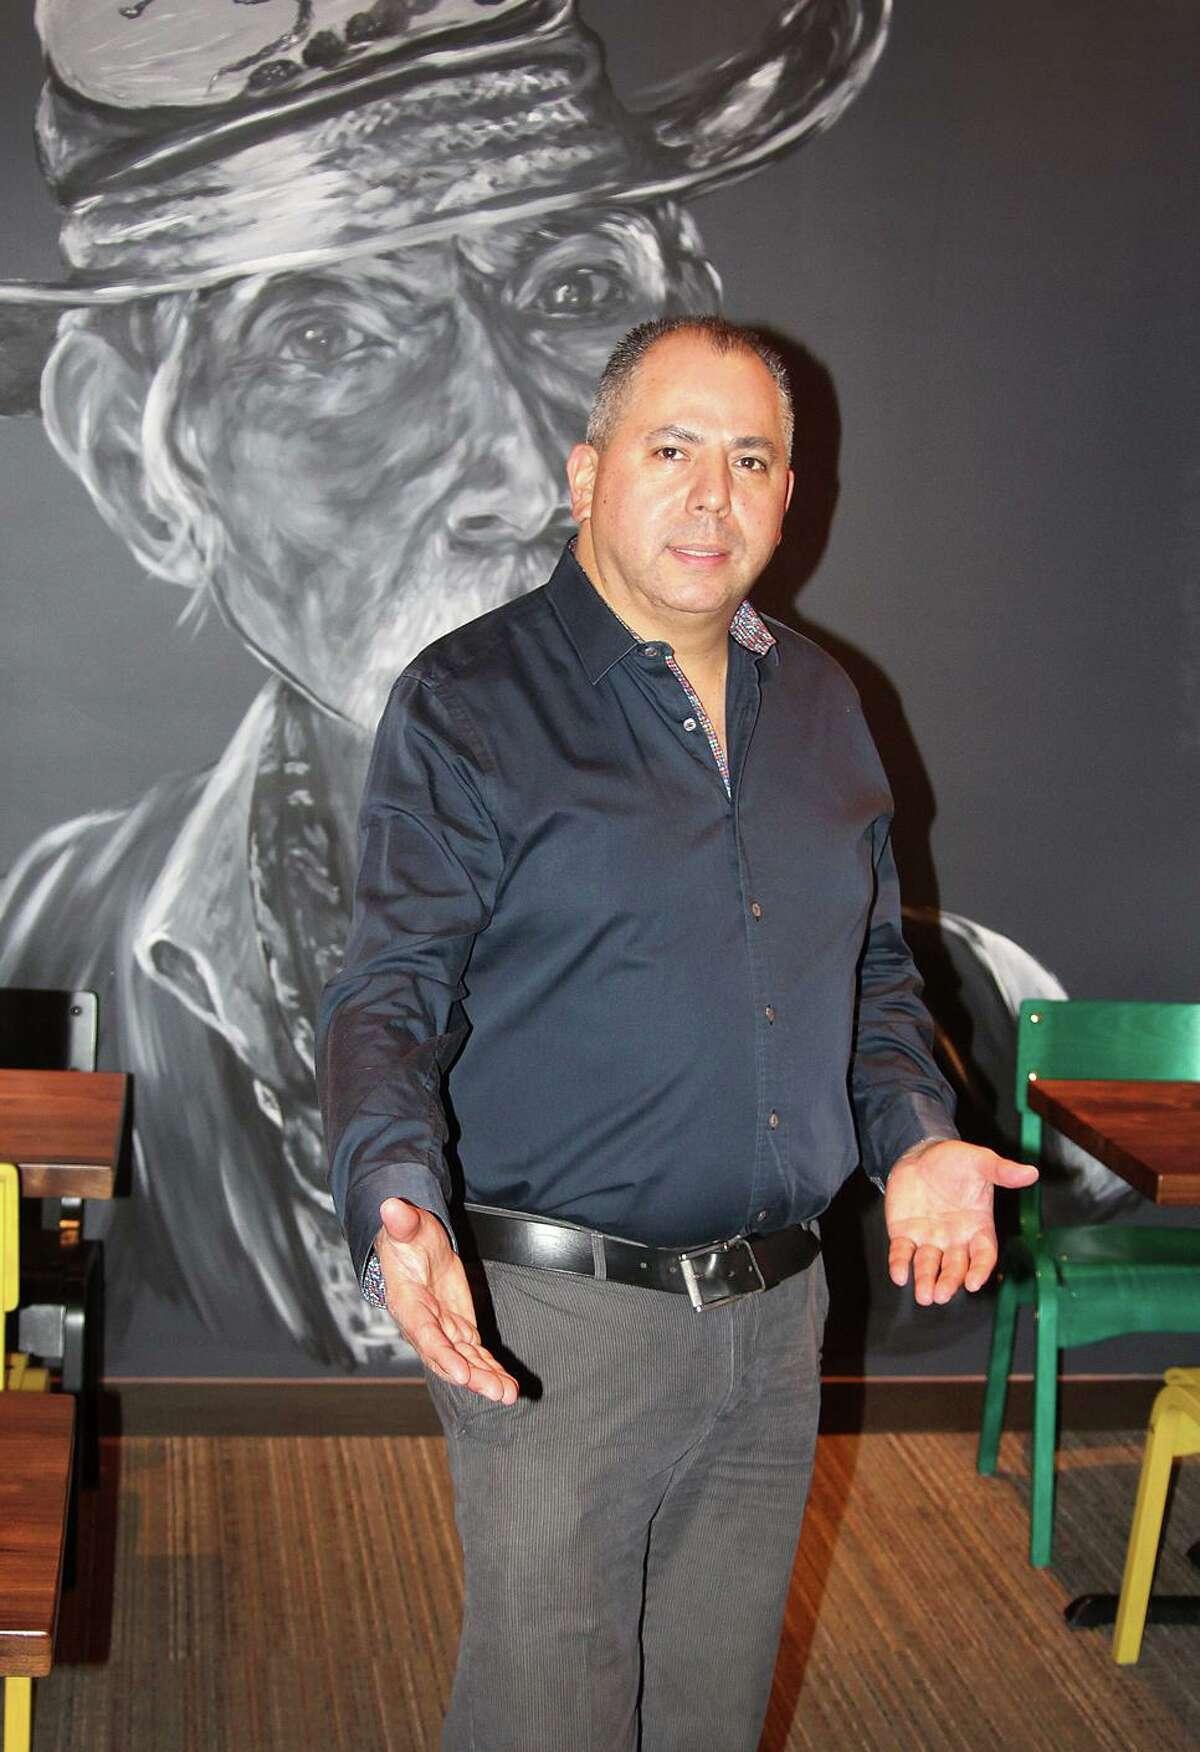 Esaul Rodriquez, owner of Puerto Vallarta in Danbury stands in his restaurant on Wednesday, Nov. 16, 2016.